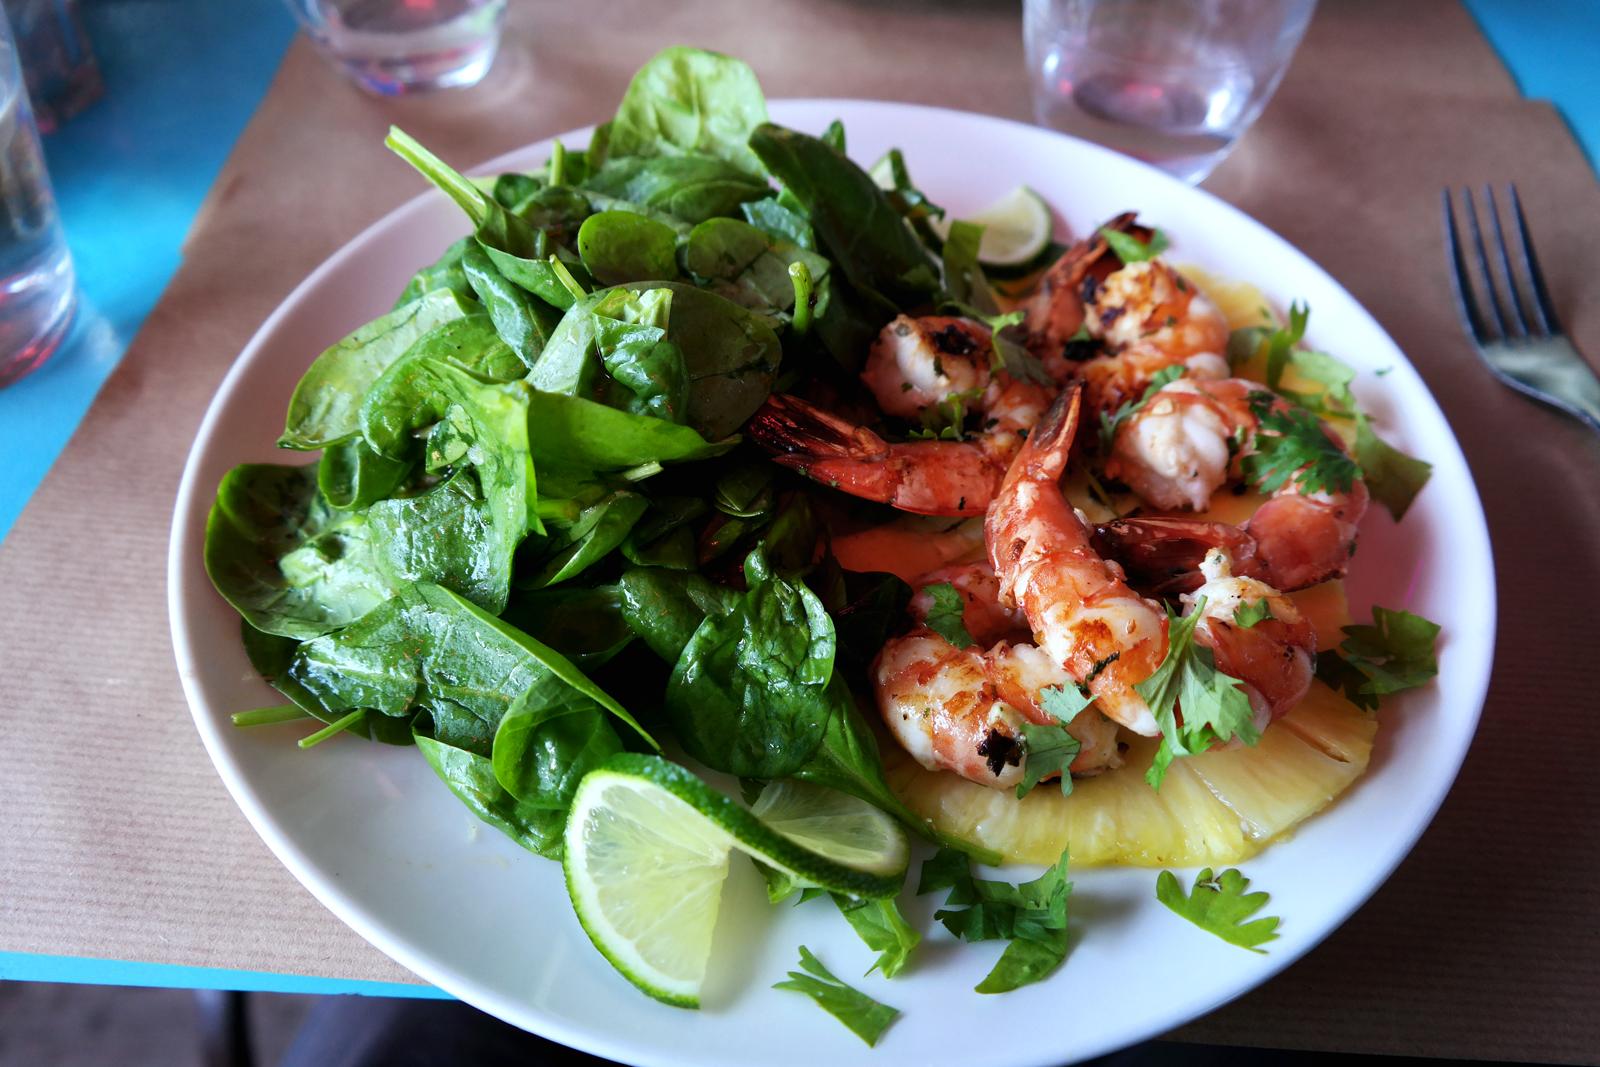 Shrimps BBQ crevettes ananas citron vert salade d épinards recette Diner Bedford Wanderlust burger restaurant Cité de la Mode et du Design photo by united states of paris blog